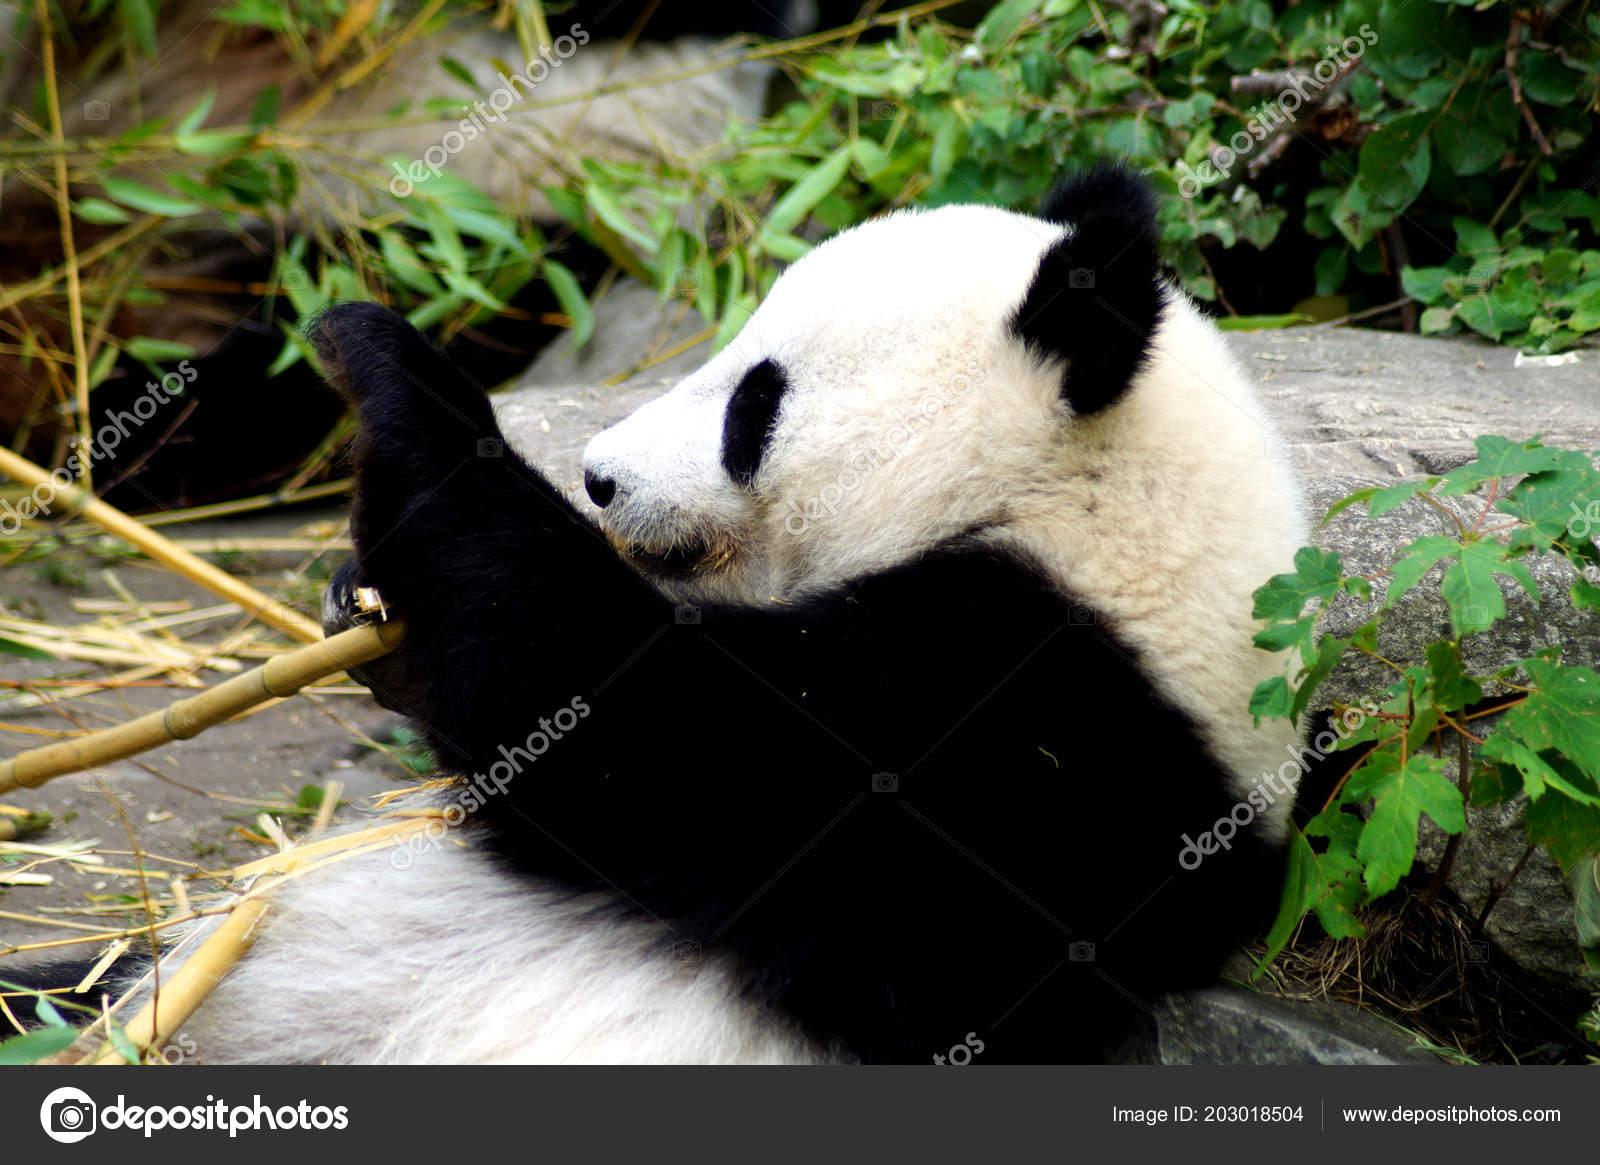 Groer Pandabr Beim Bambus Essen Stock Photo C Spiderwoman81 203018504